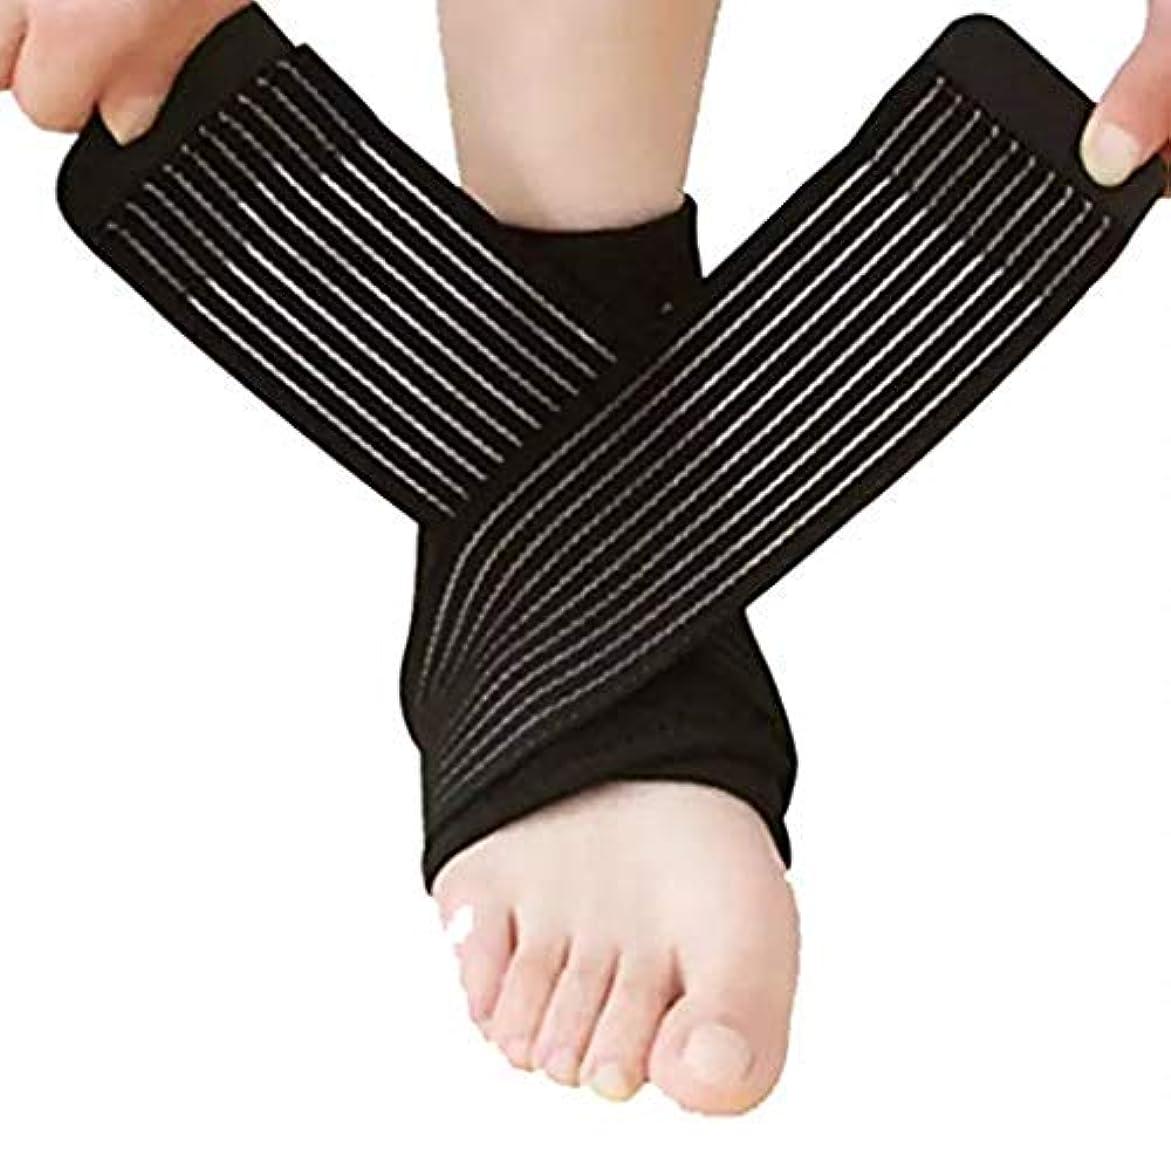 マイルド少ない新聞足首サポート調節可能な足首ブレース通気性のあるナイロン素材伸縮性があり快適な1サイズスポーツに最適慢性的な足首の捻Sp疲労からの保護